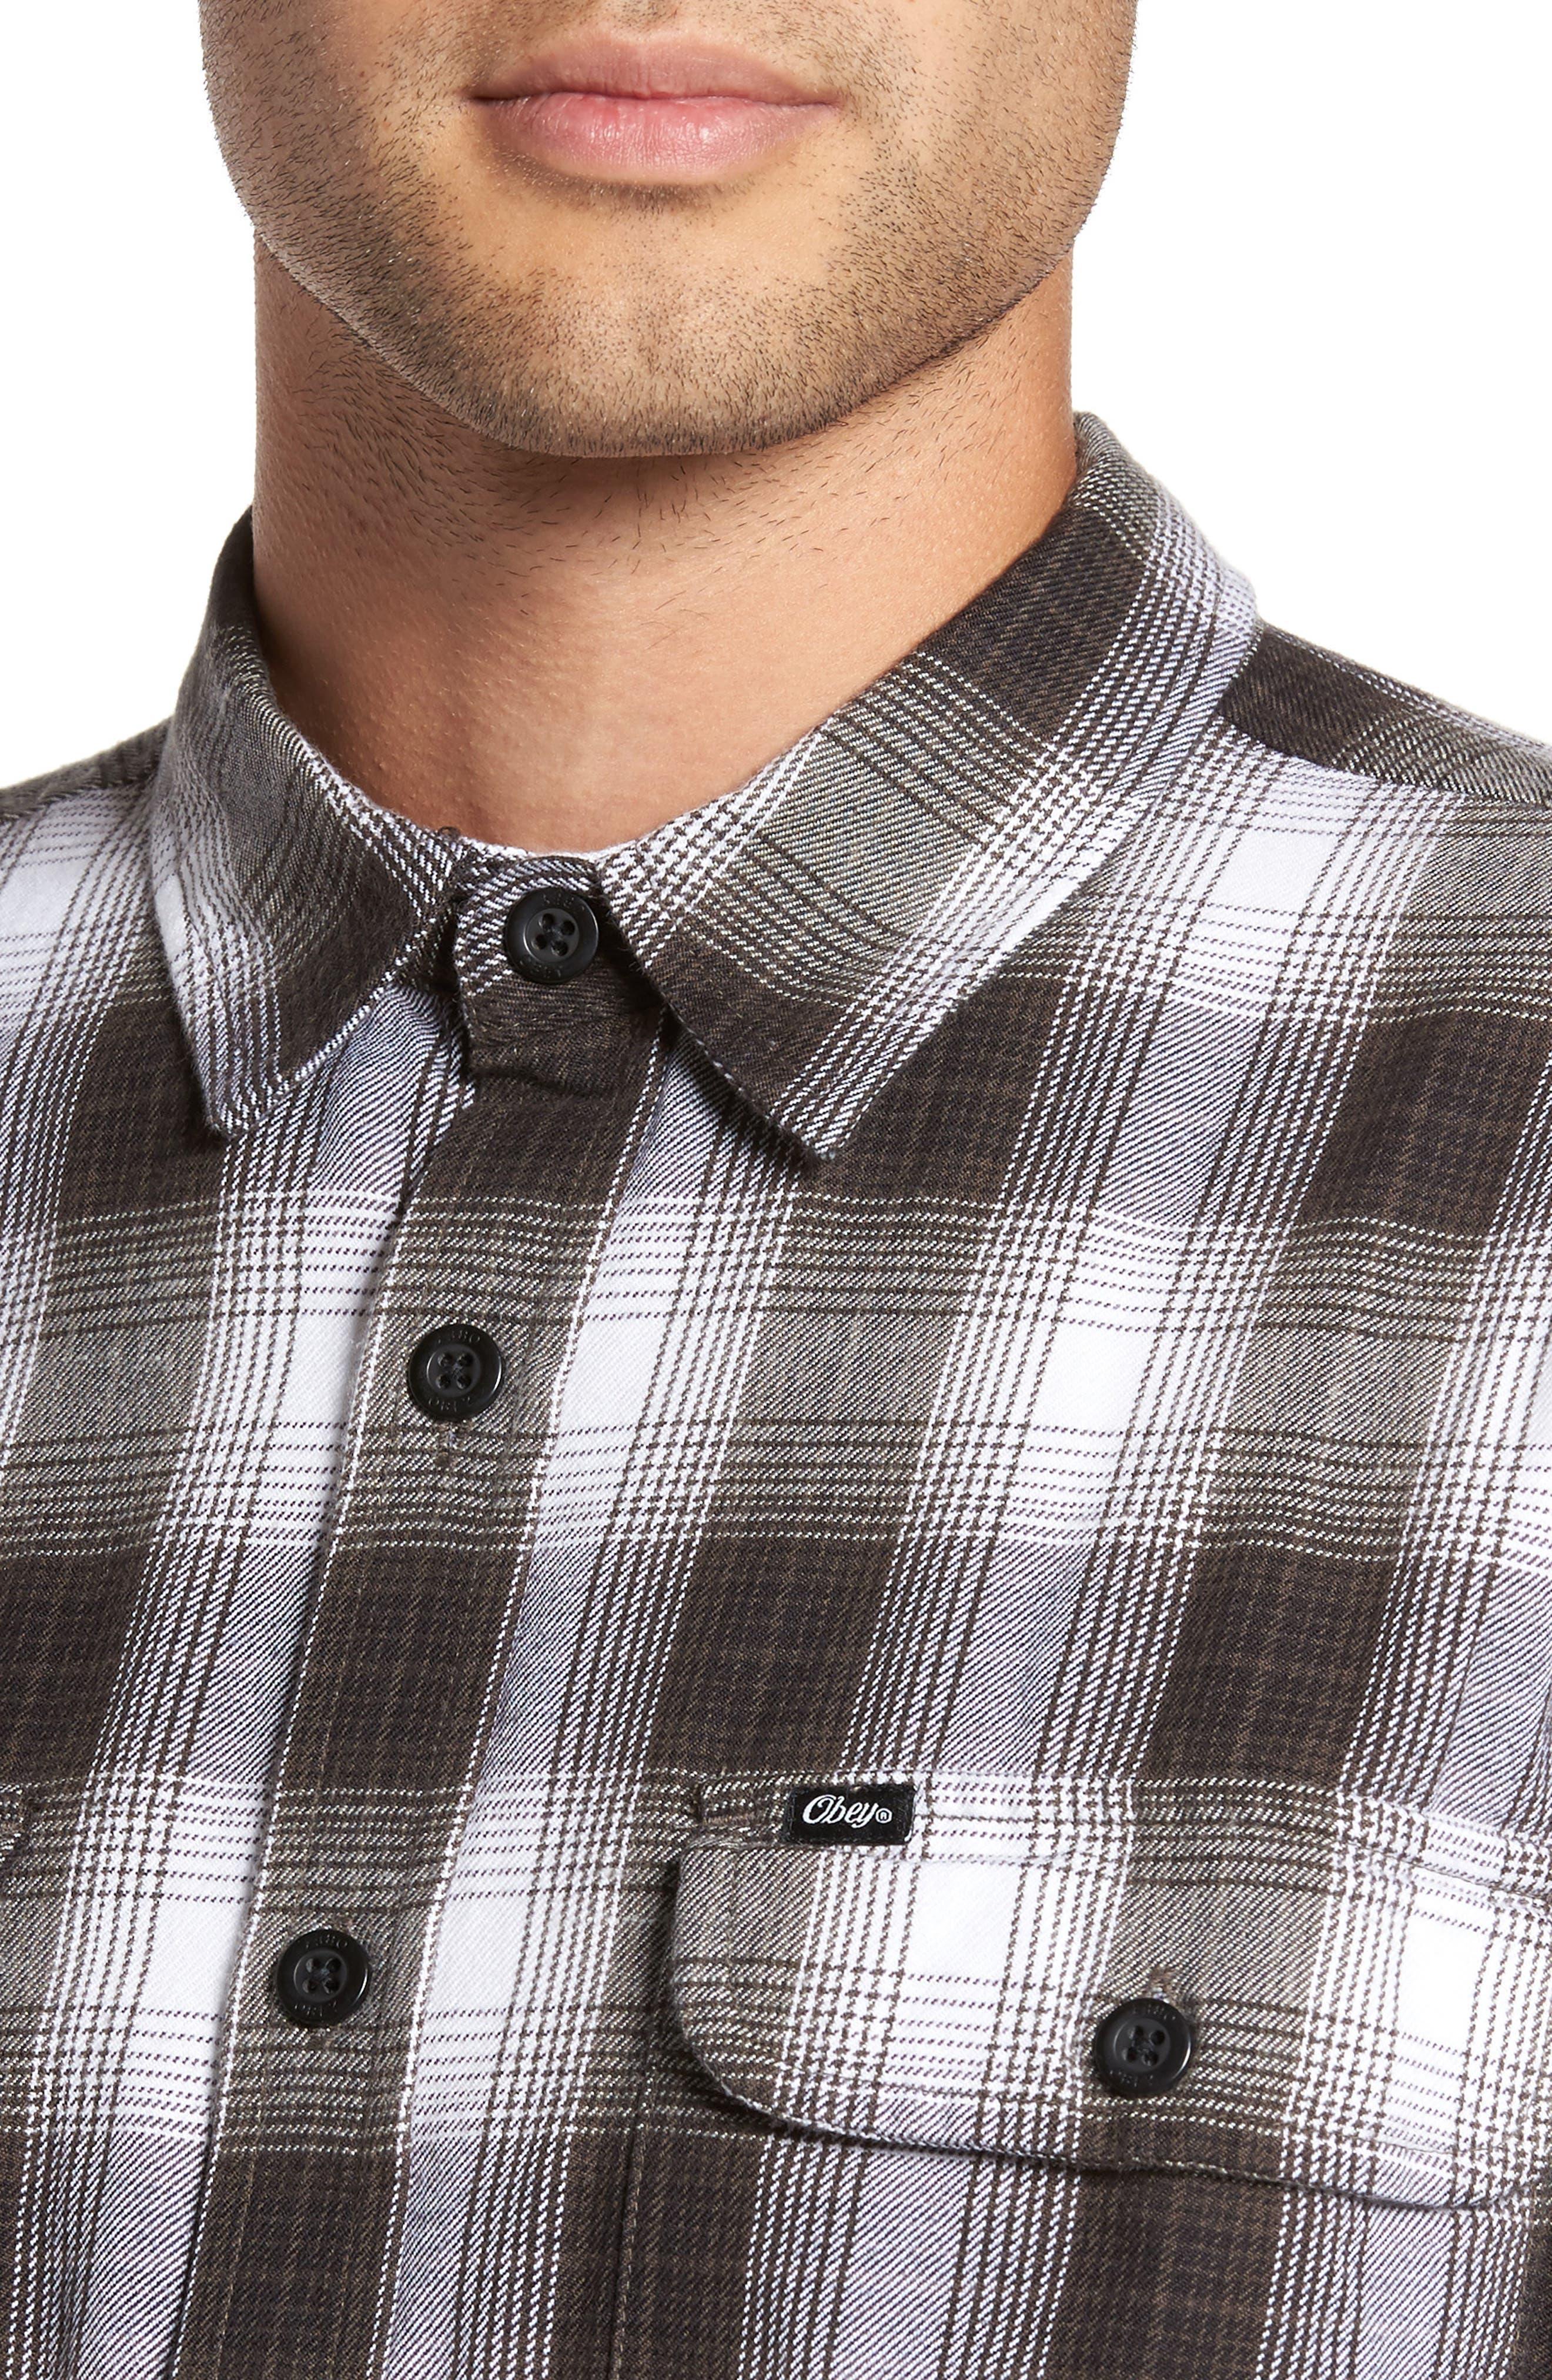 Kemper Plaid Woven Shirt,                             Alternate thumbnail 4, color,                             Black Multi